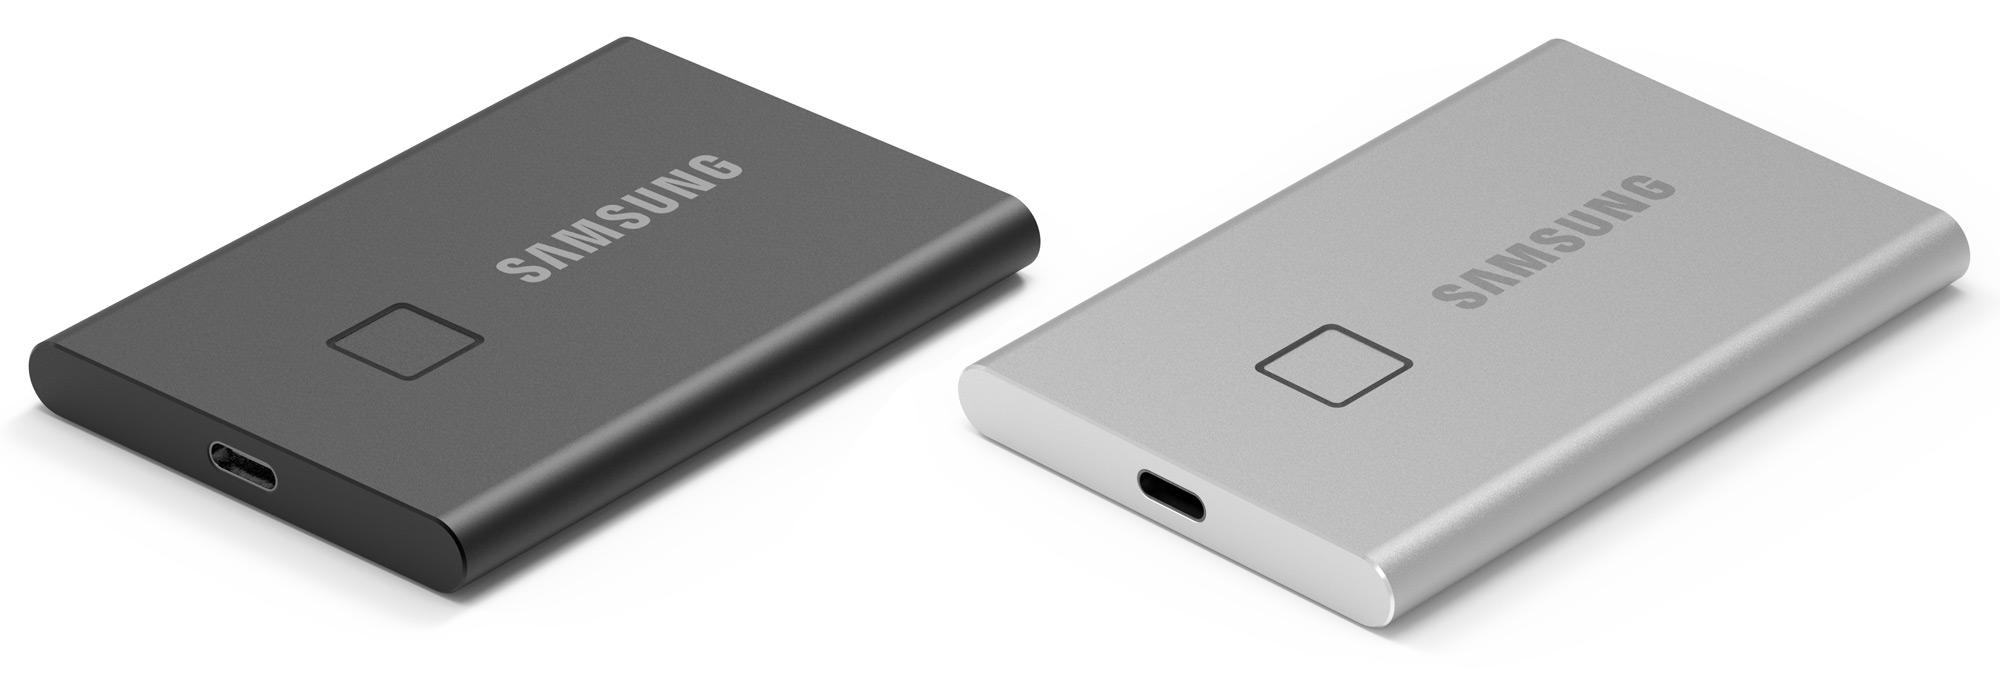 CES 2020: Samsung Announces Fingerprint-Secured T7 Touch SSD - Storage 1